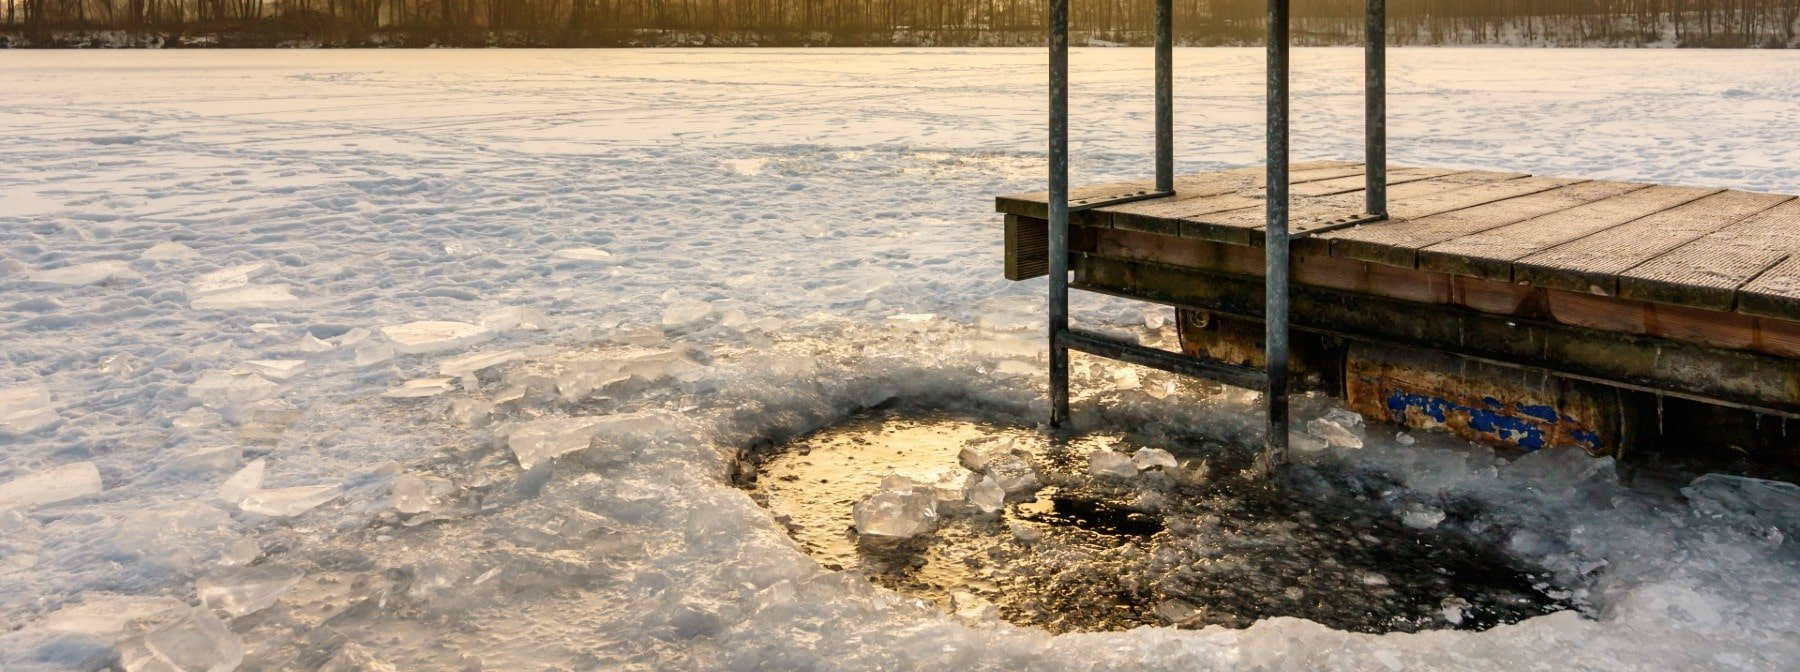 Avantages du bain glacé | Comment un bain glacé aide-t-il à la récupération et à la performance?